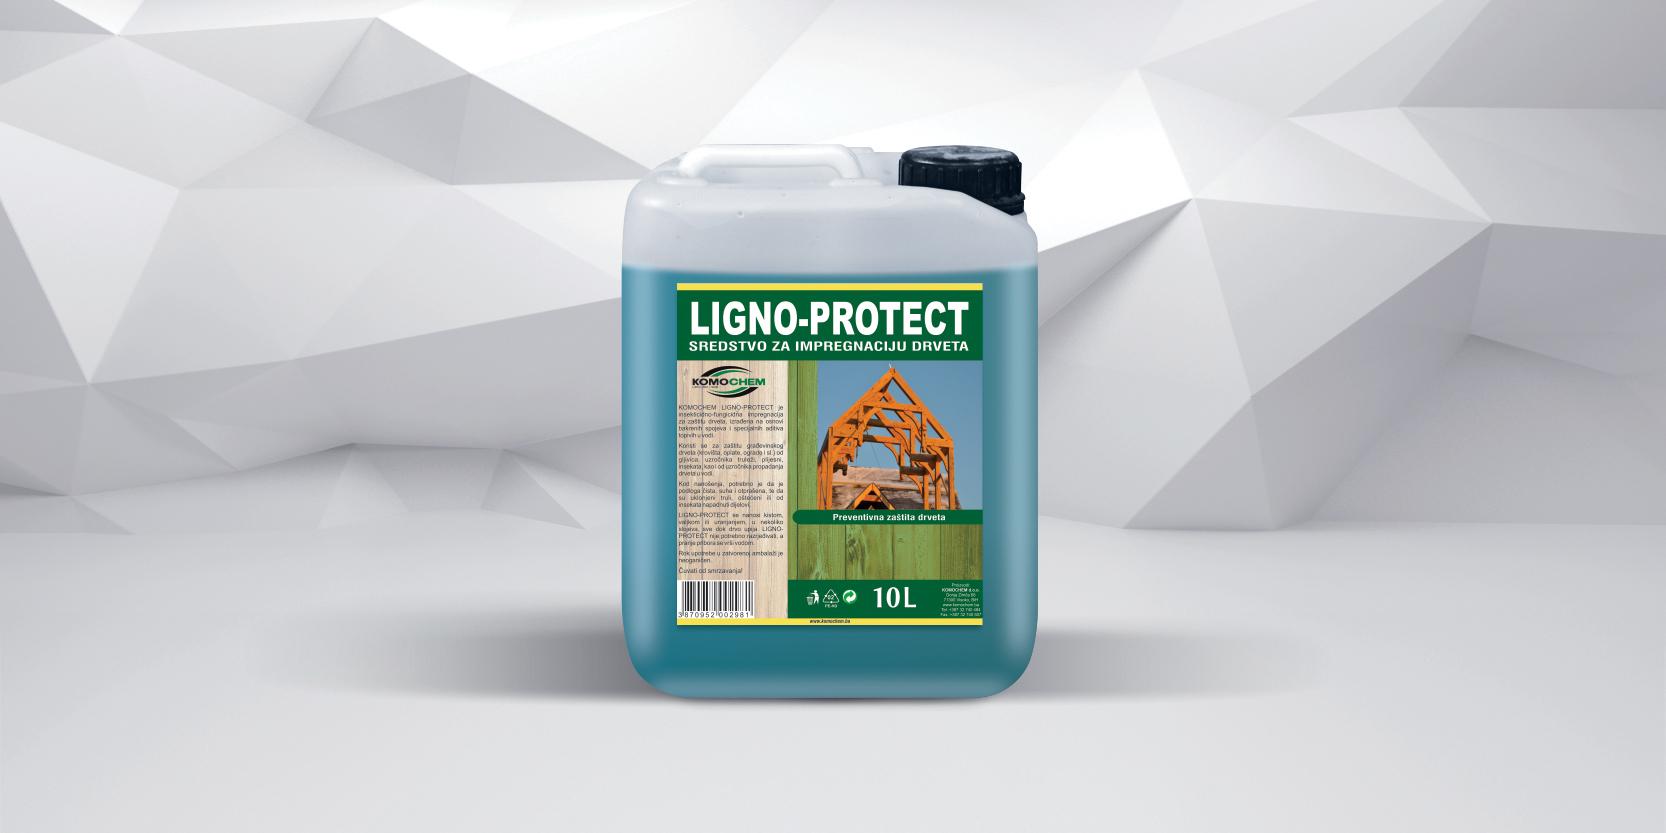 LIGNO PROTECT